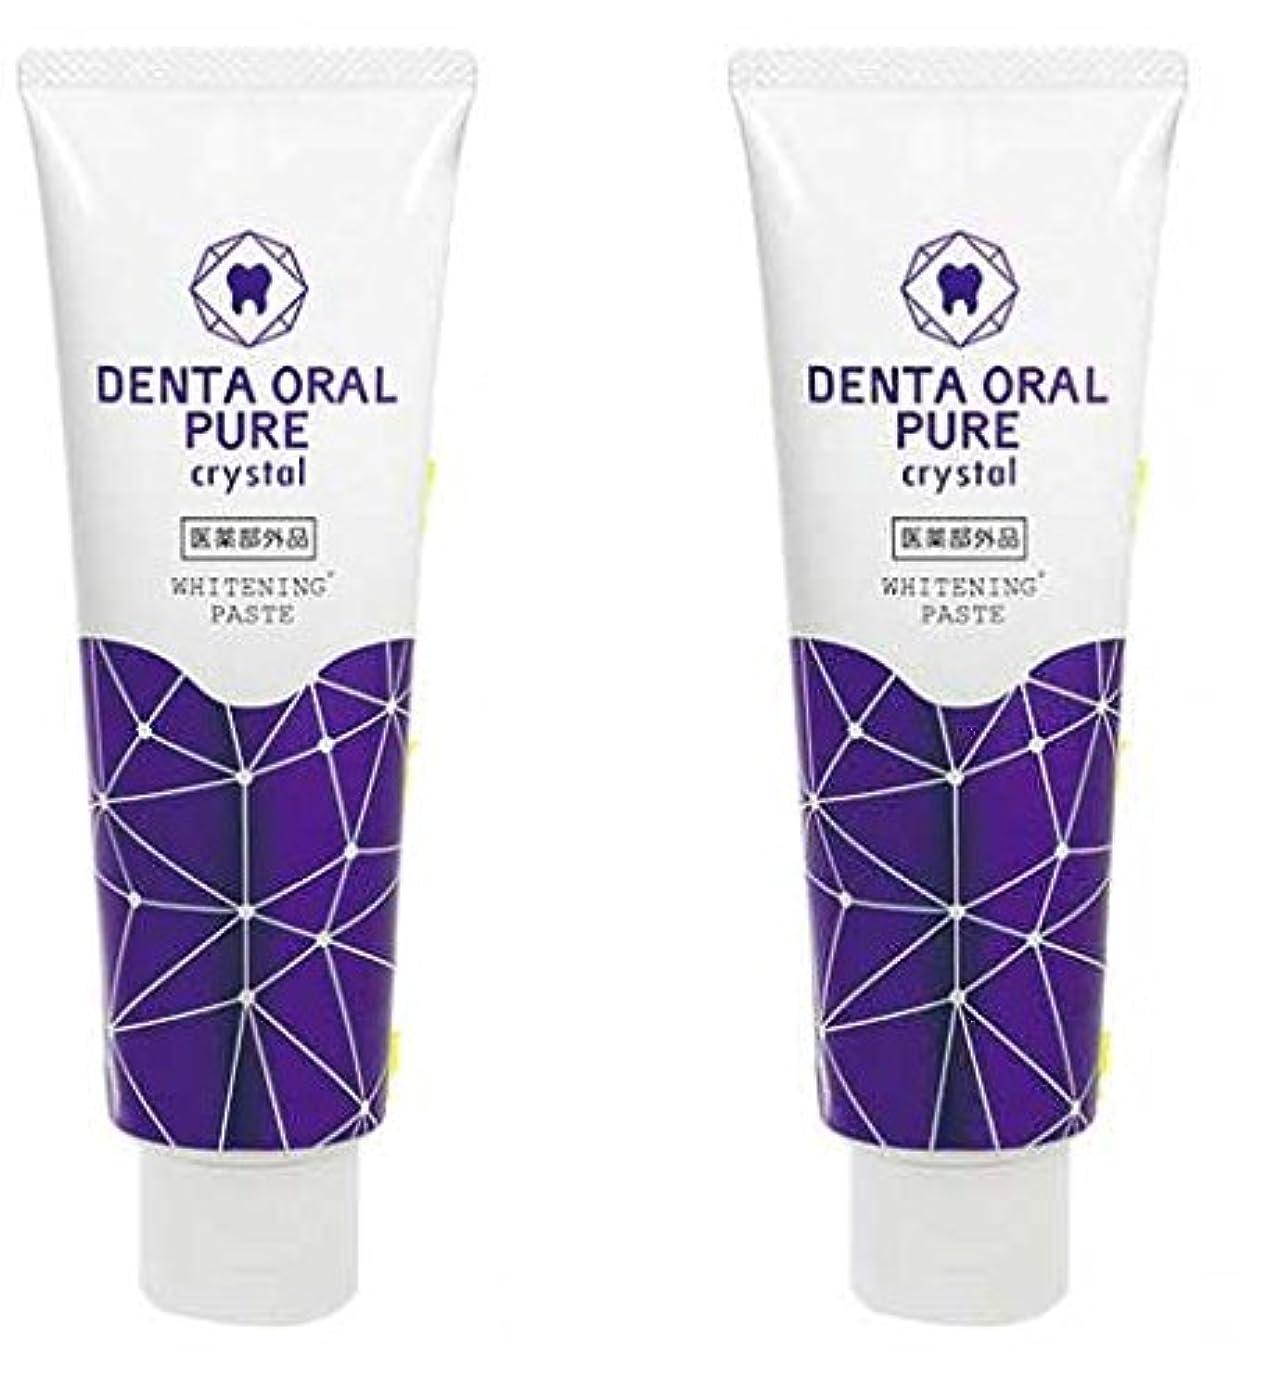 勝者体現する作動するホワイトニング歯磨き粉 デンタオーラルピュア クリスタル 2個セット 医薬部外品